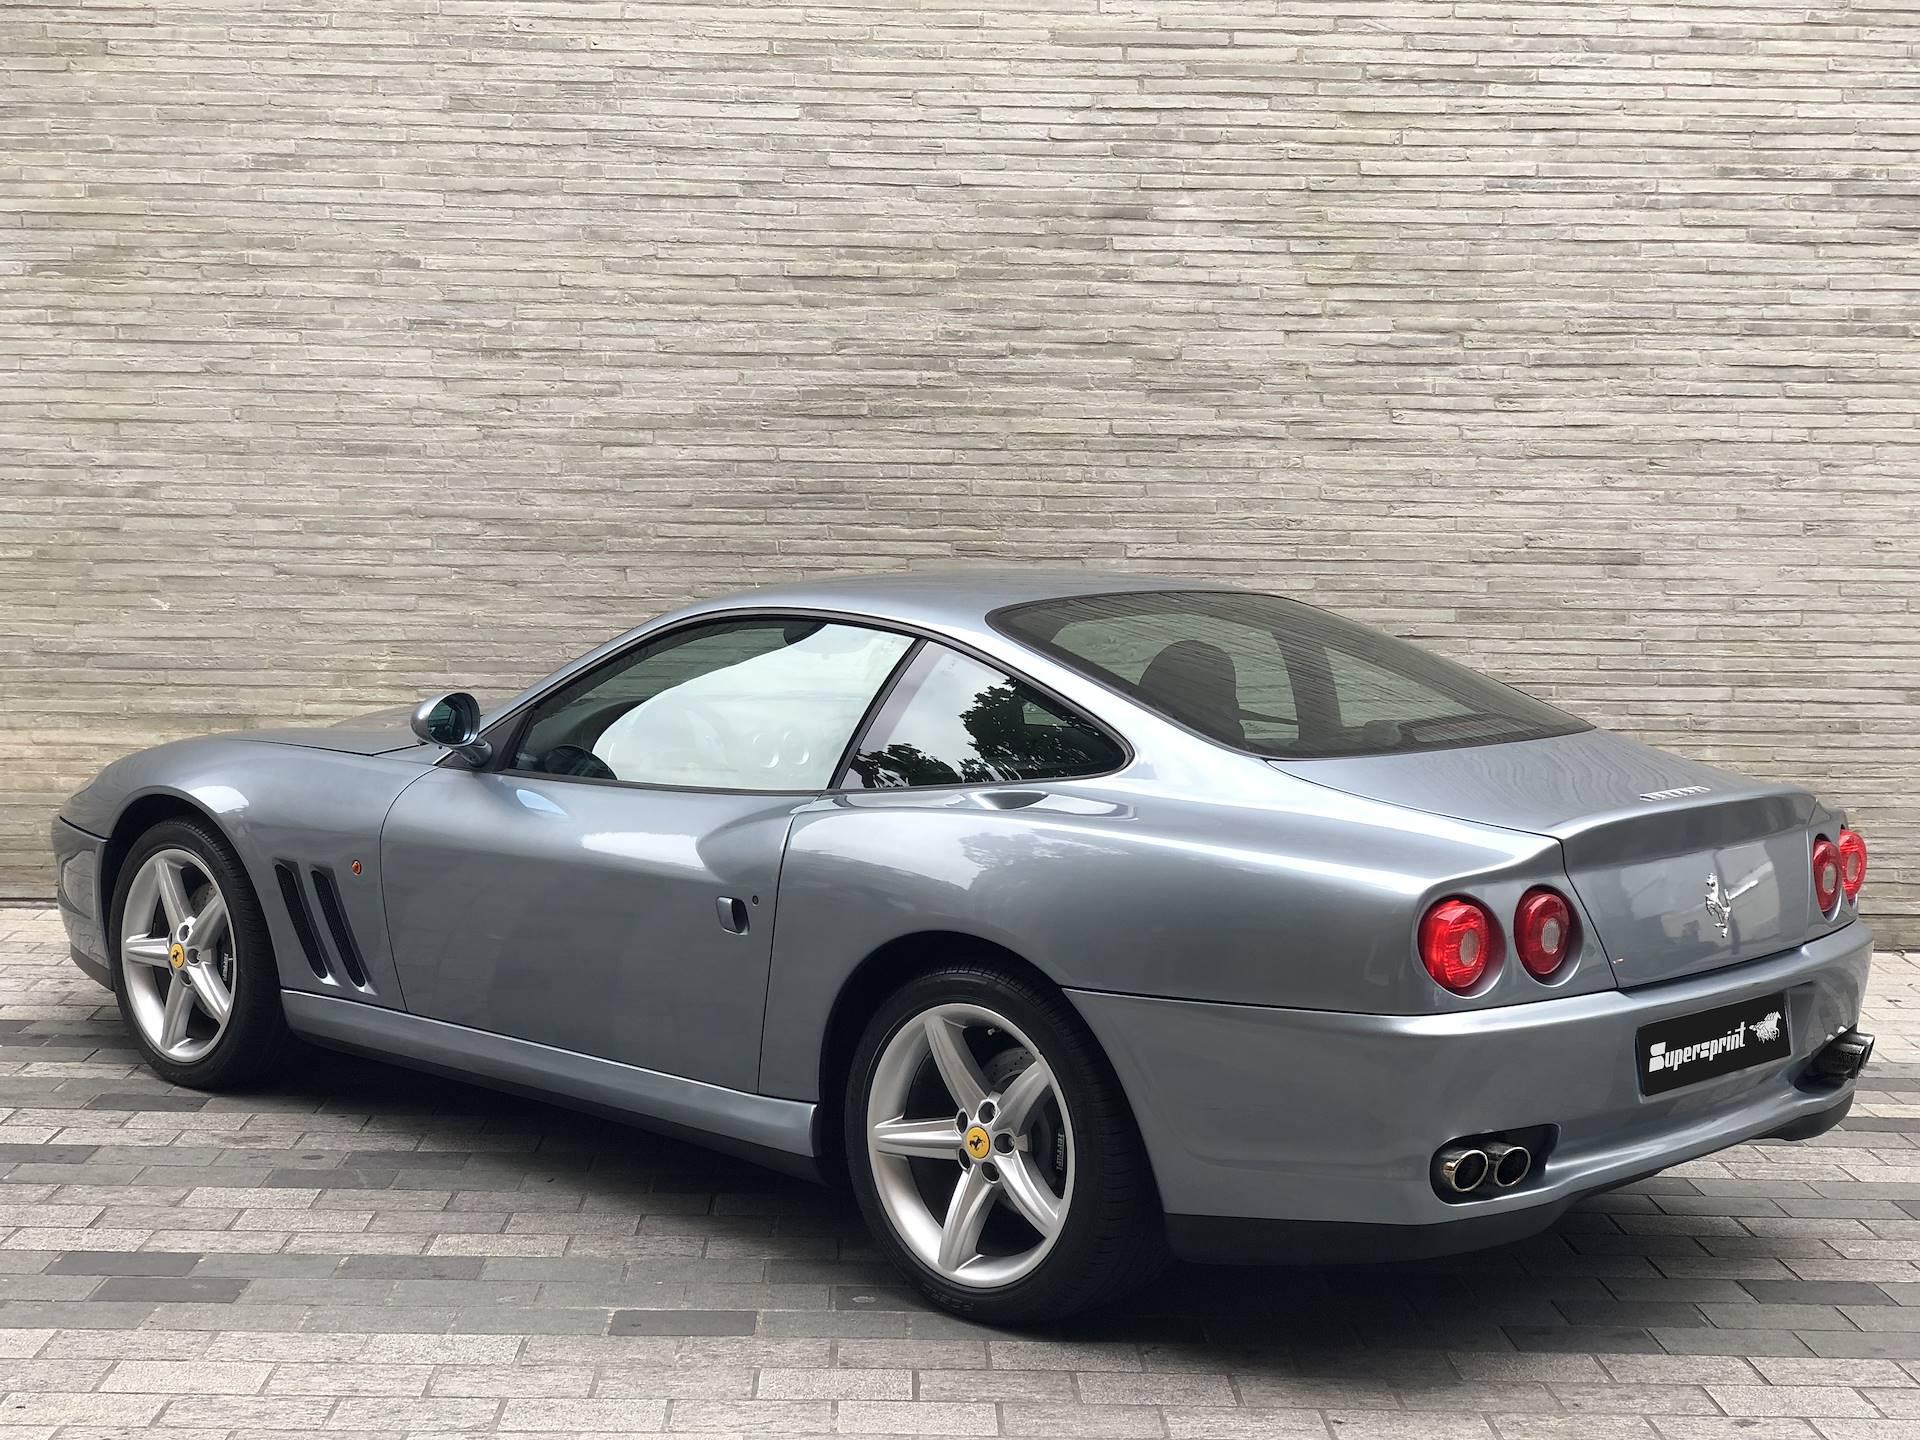 Supersprint Auspuff Für Ferrari 575m Maranello V12 515 Ps 02 05